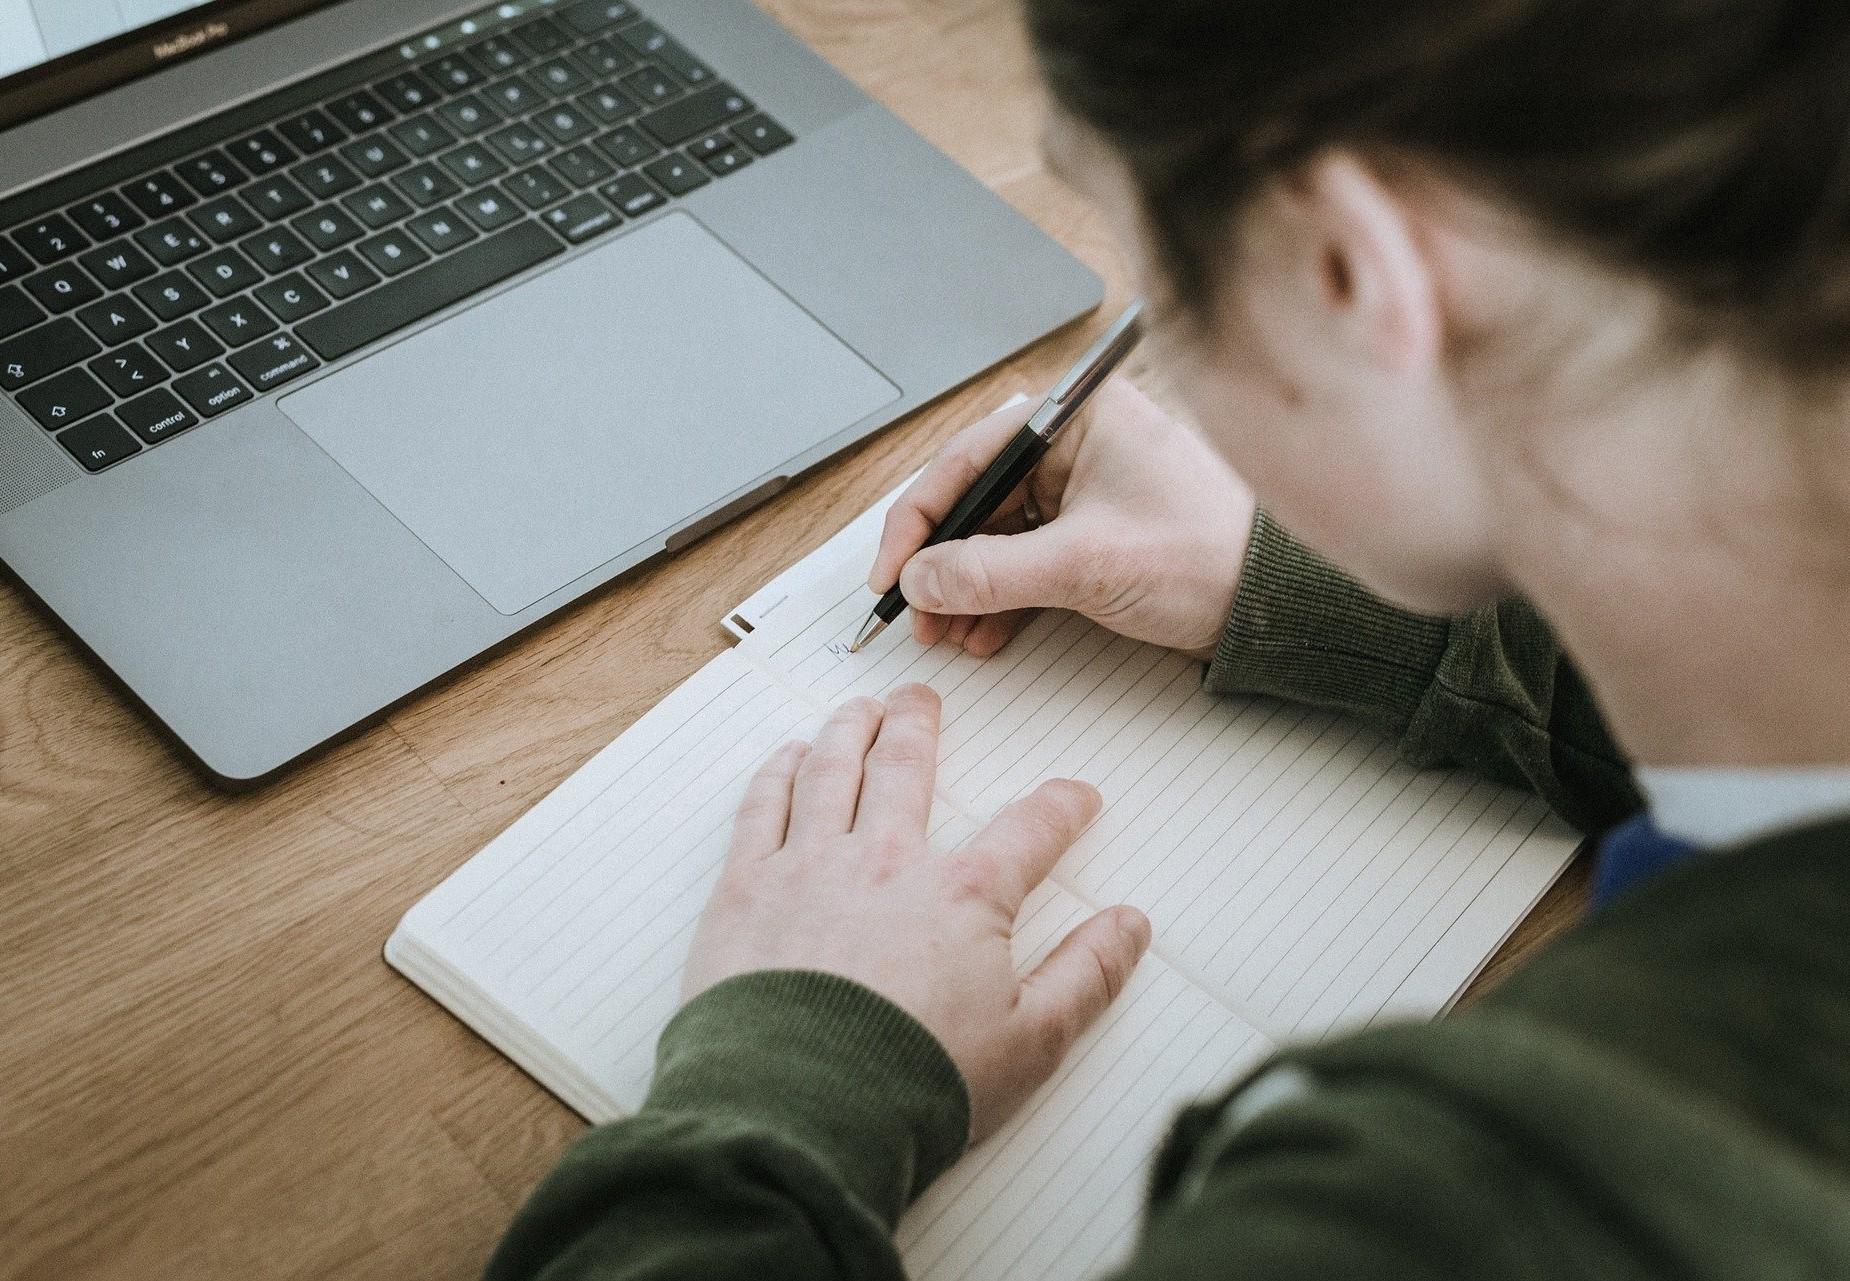 #RazemMożemyWięcej, czyli komputery dla gdańskiej podstawówki. Dzięki nim uczniowie będą mogli uczyć się z domów